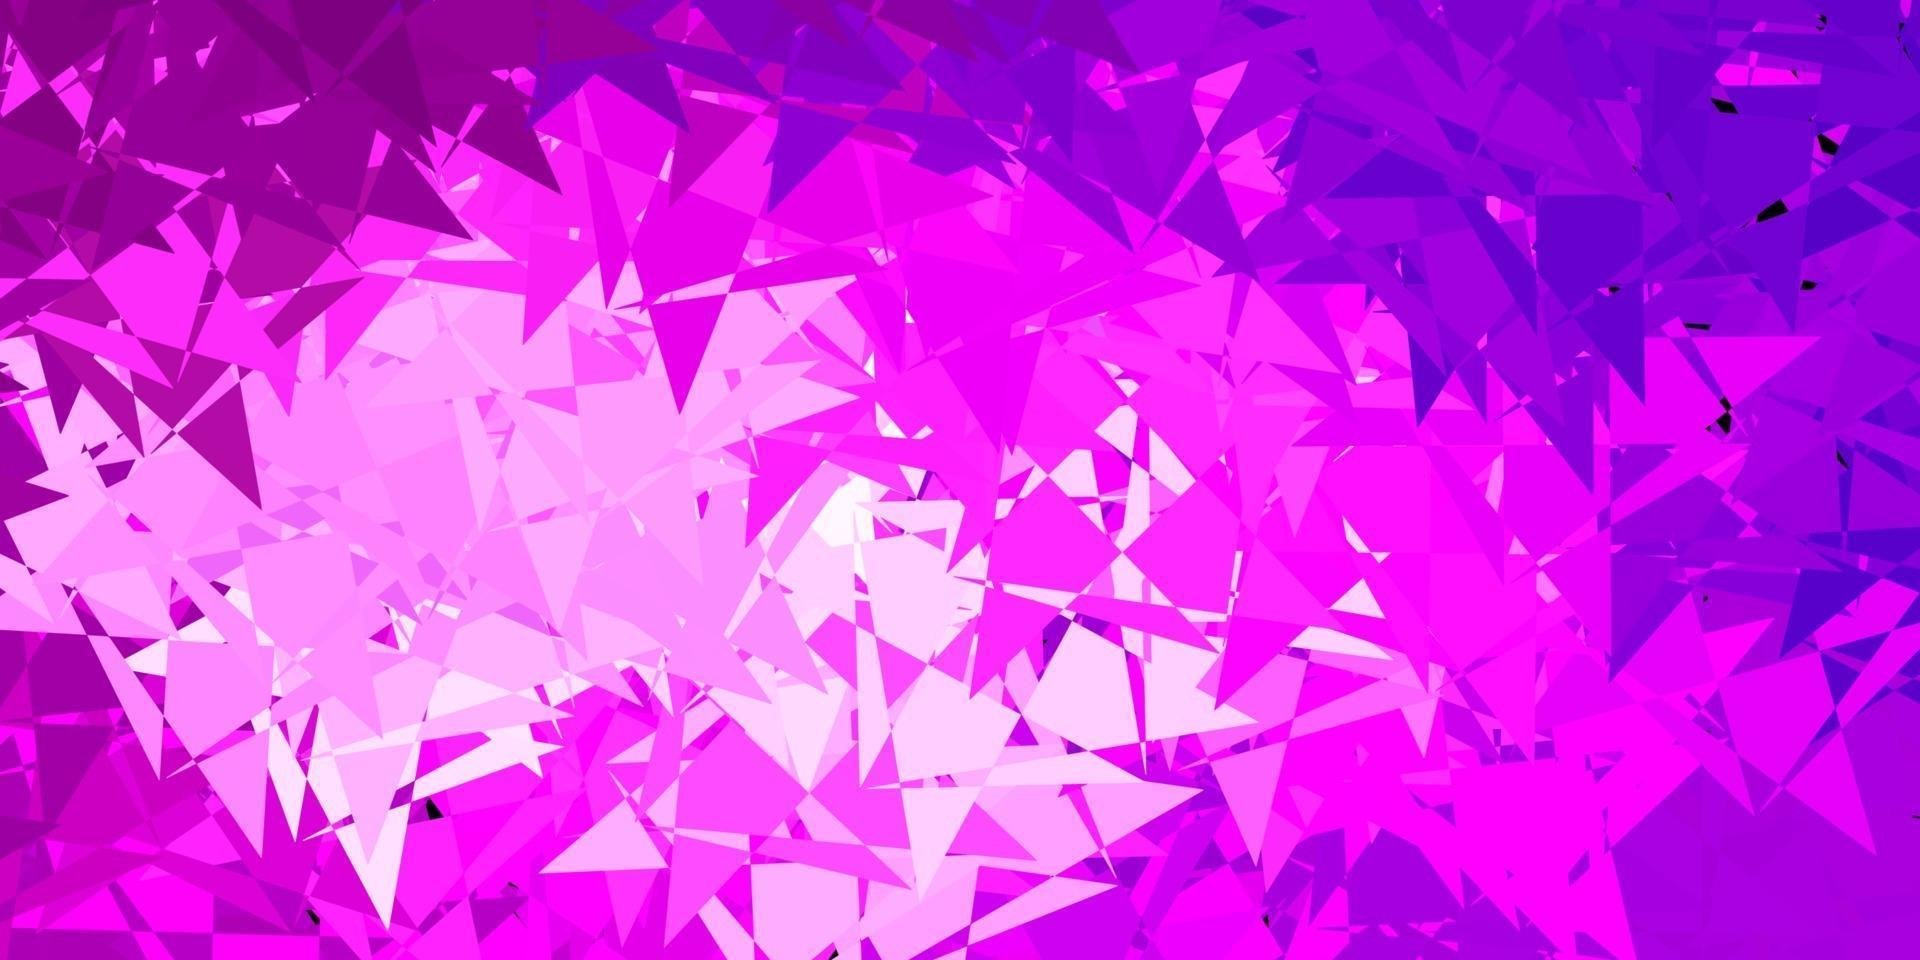 lichtpaars, roze vectorpatroon met veelhoekige vormen. vector